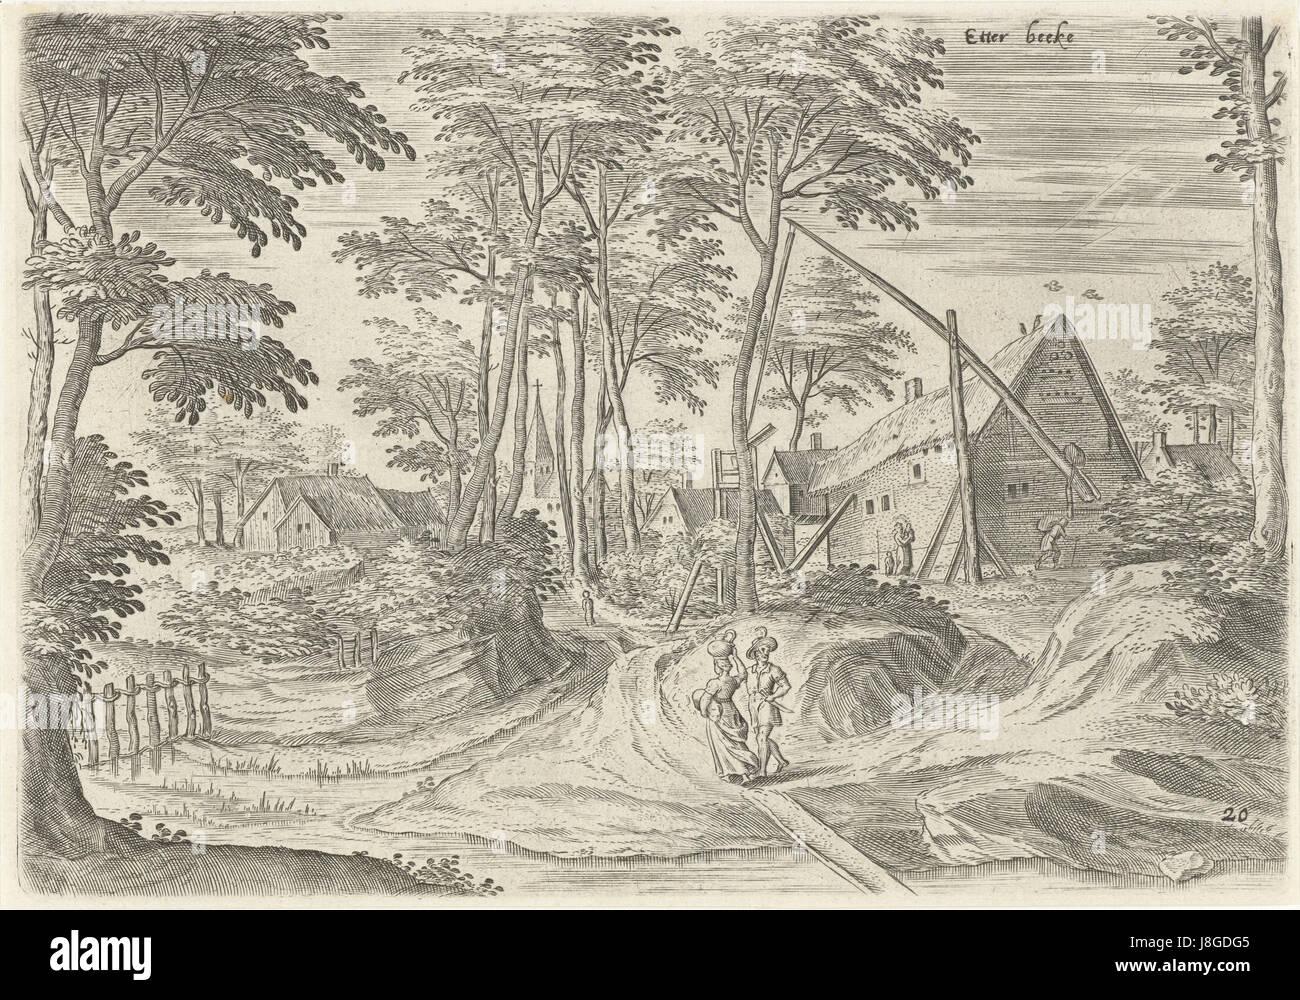 Gezicht op Etterbeek, Hans Collaert (I), naar Hans Bol, Jacob Grimmer, 1530   1580 - Stock Image